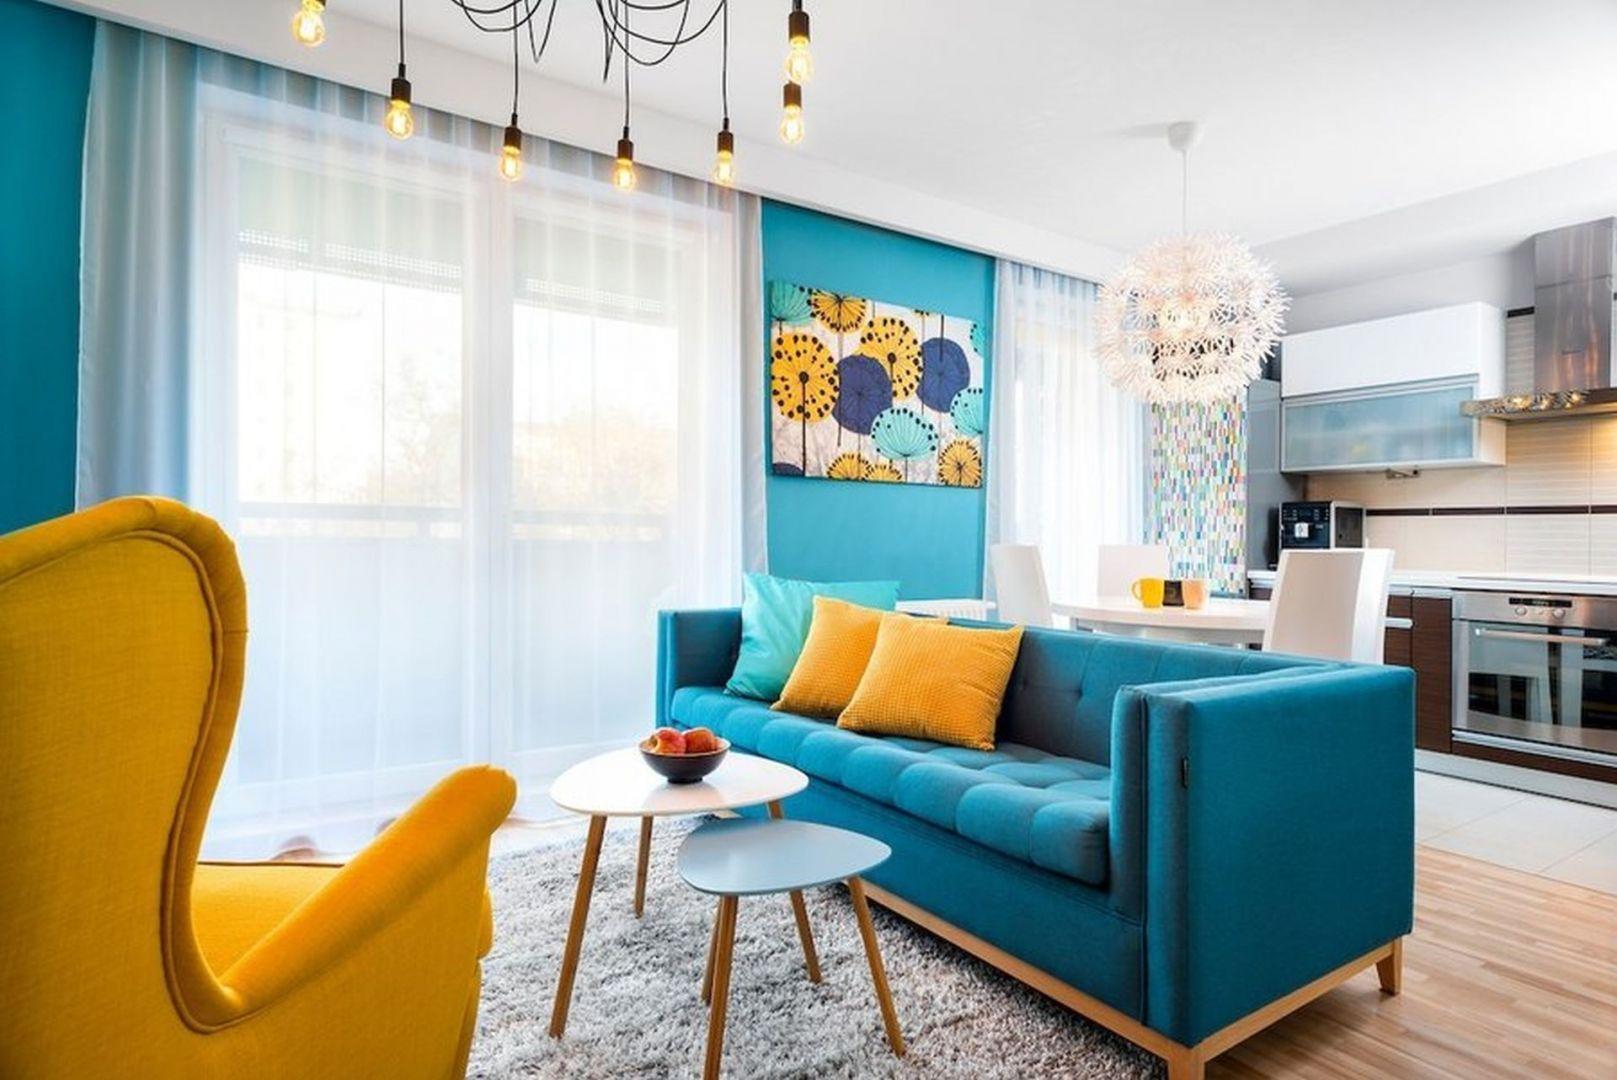 Ściana w salonie w kolorze turkusowym. Autorka projektu: Krystyna Dziewanowska, pracownia Red Cube Design. Zdjęcia: Mateusz Torbus 7TH IDEA.jpg